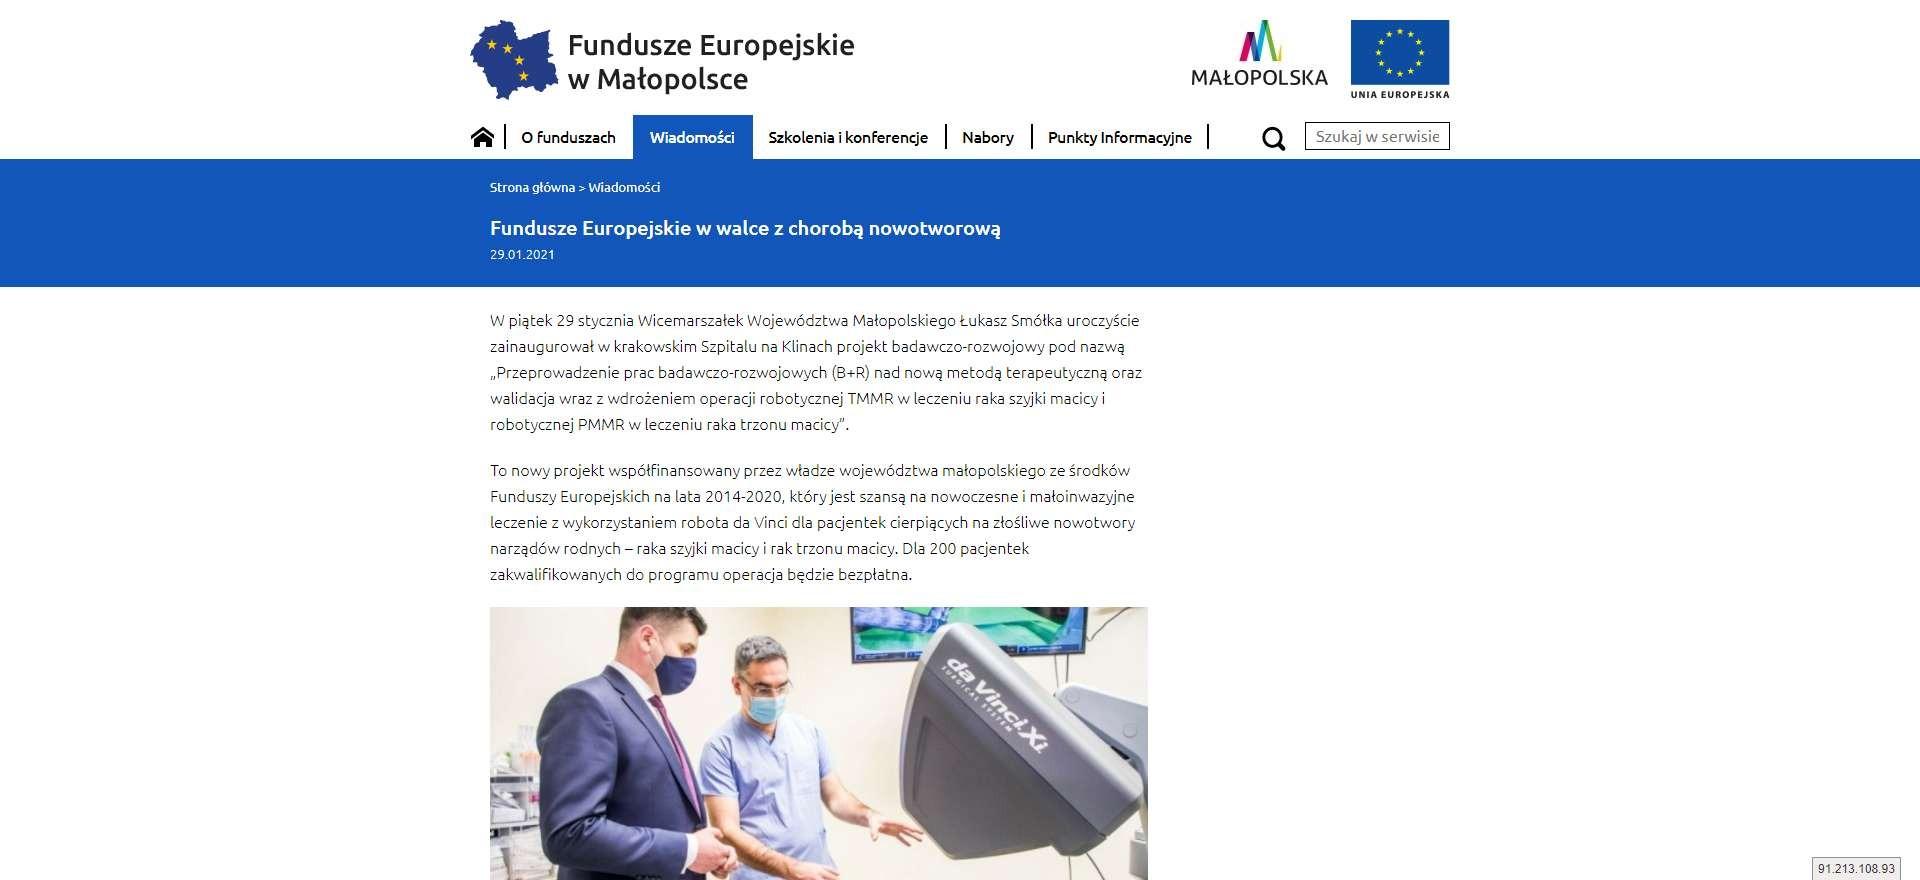 fundusze europejskie w walce z choroba nowotworowa